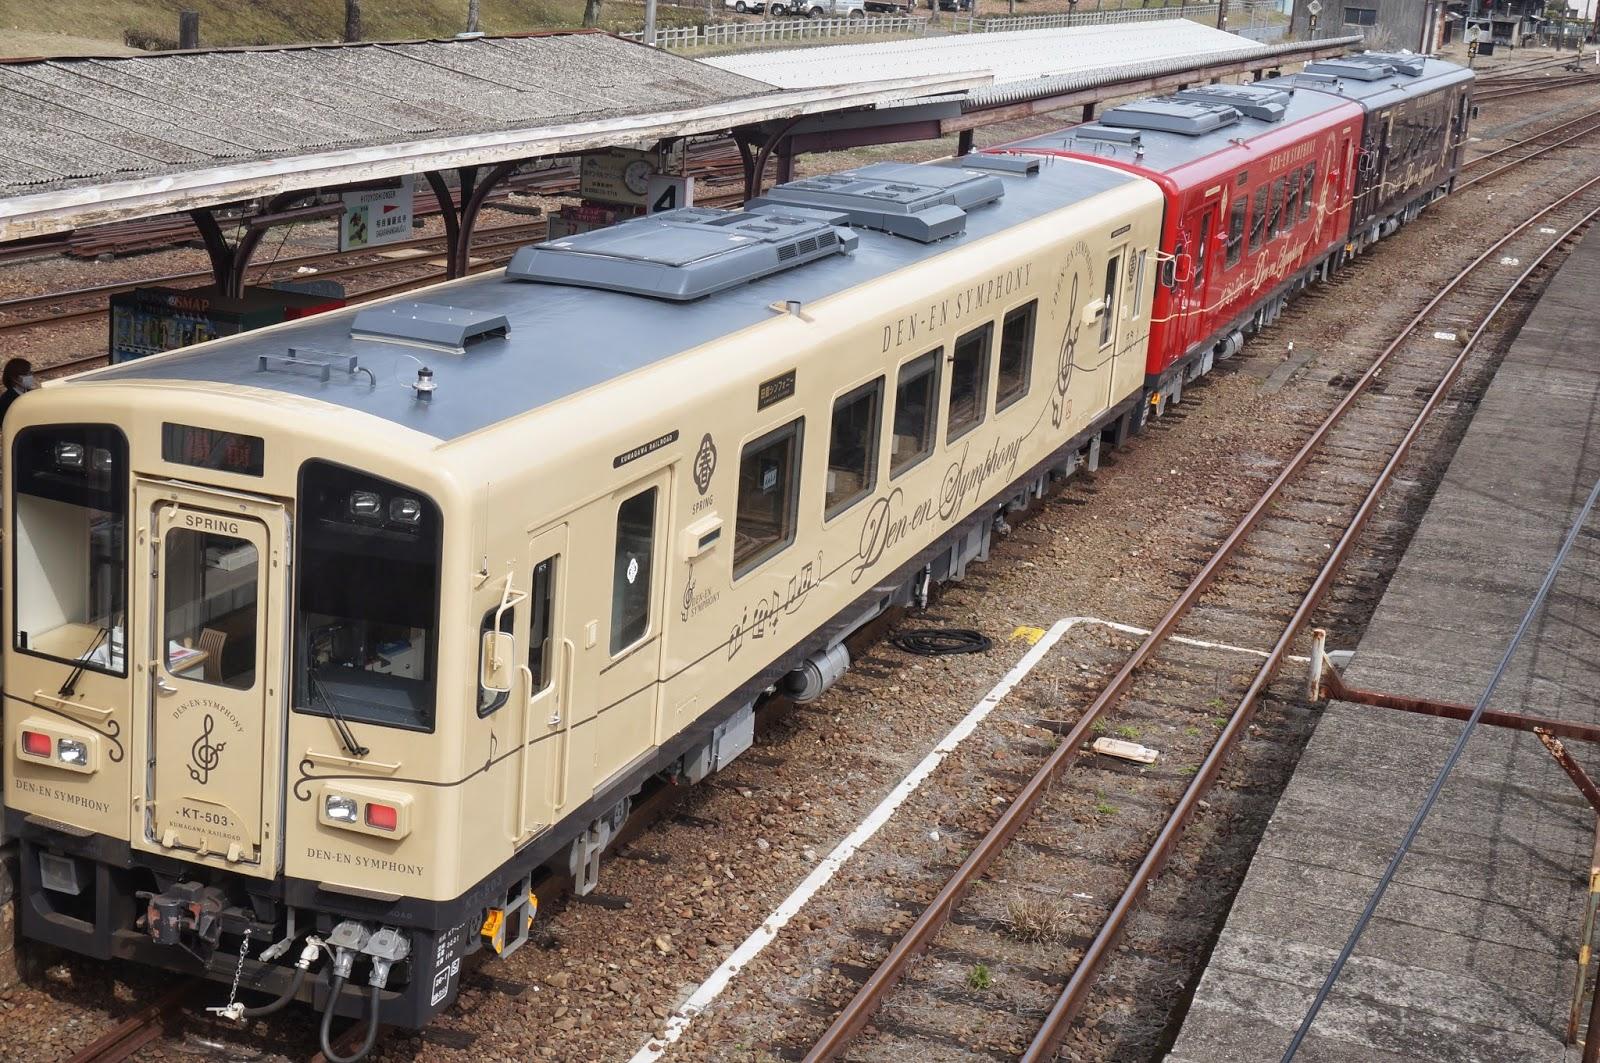 くま川鉄道の優雅な新車両「田園シンフォニー」を紹介します ...